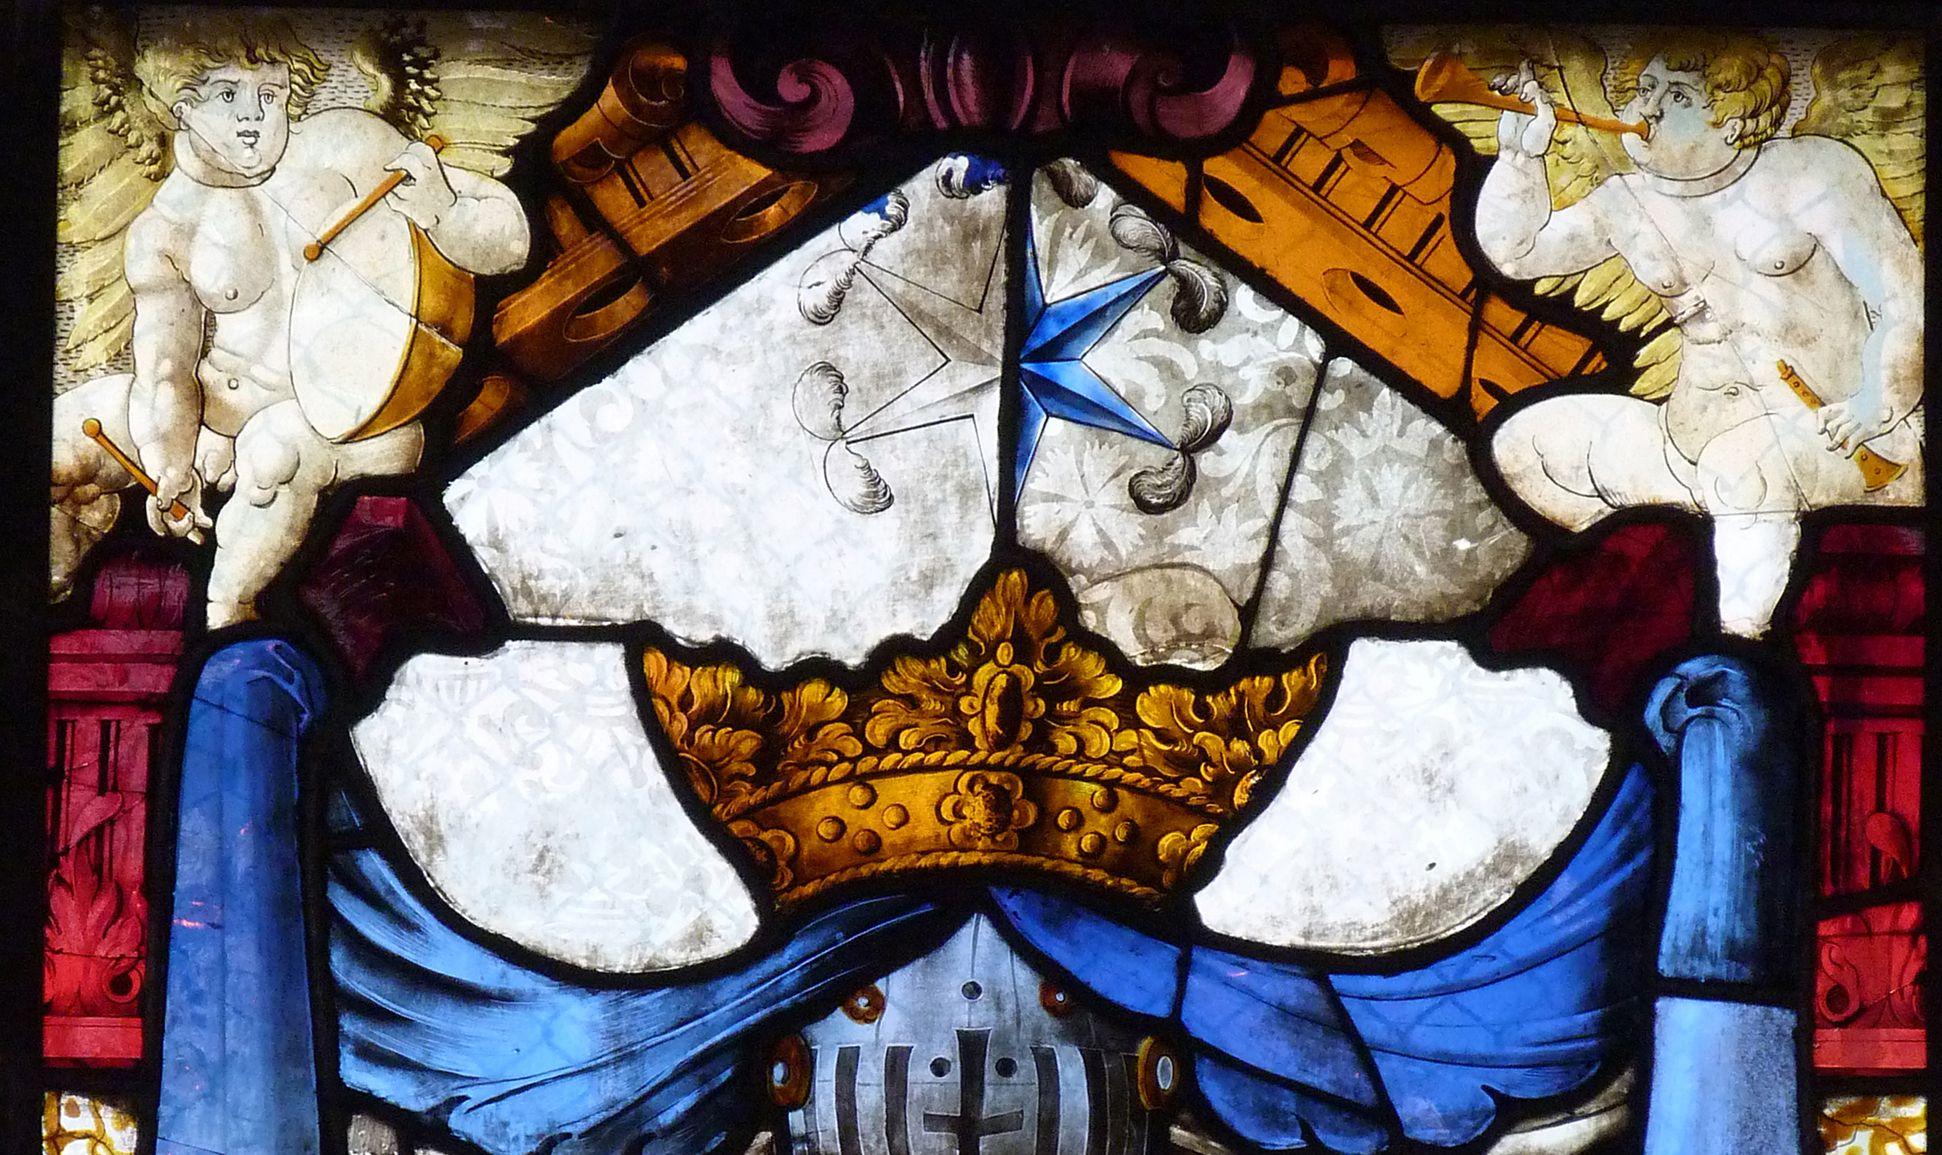 St. Bartholomäus, Chorfenster n III Geudersches Wappen,1564 Detail, Krone, Stern (zur Hälfte in blau) und Zwickelengelchen